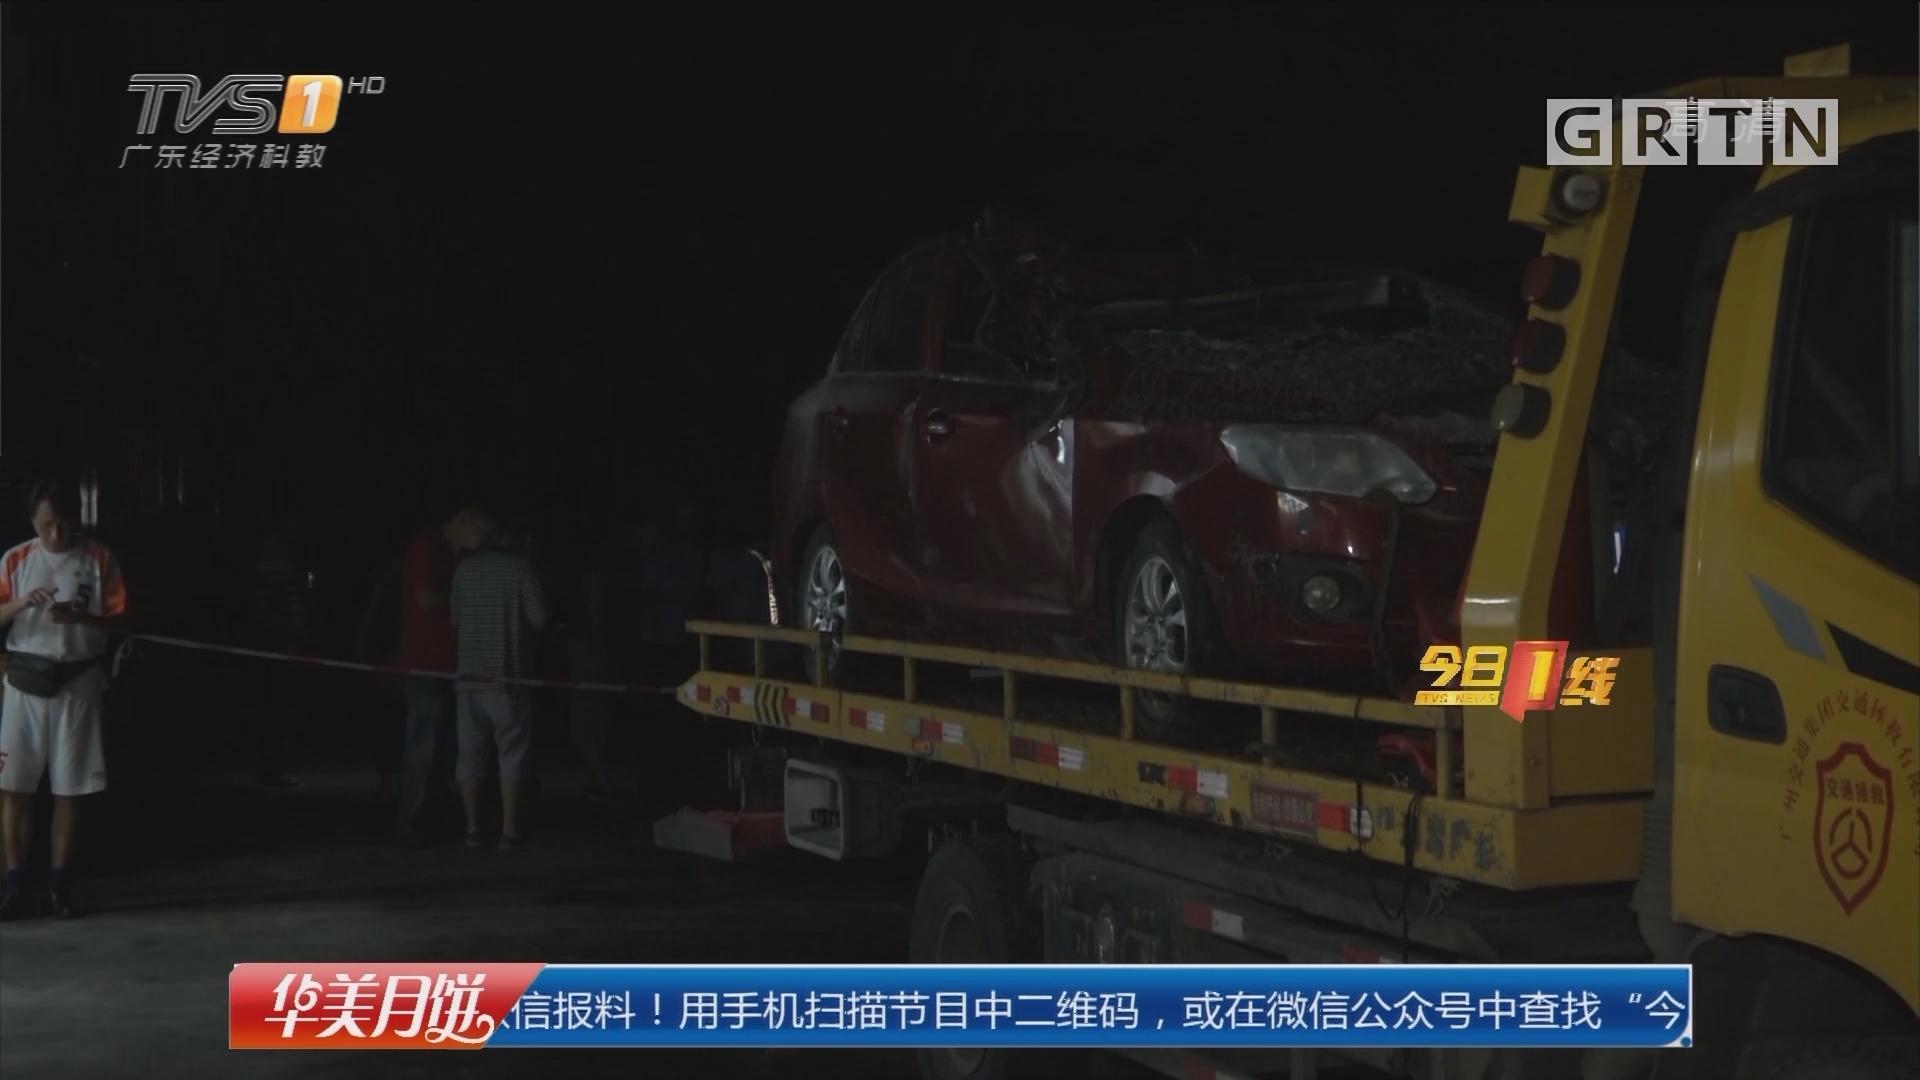 今夜最新:广州黄埔滑坡事件追踪 被掩埋小车 今夜陆续被拖出